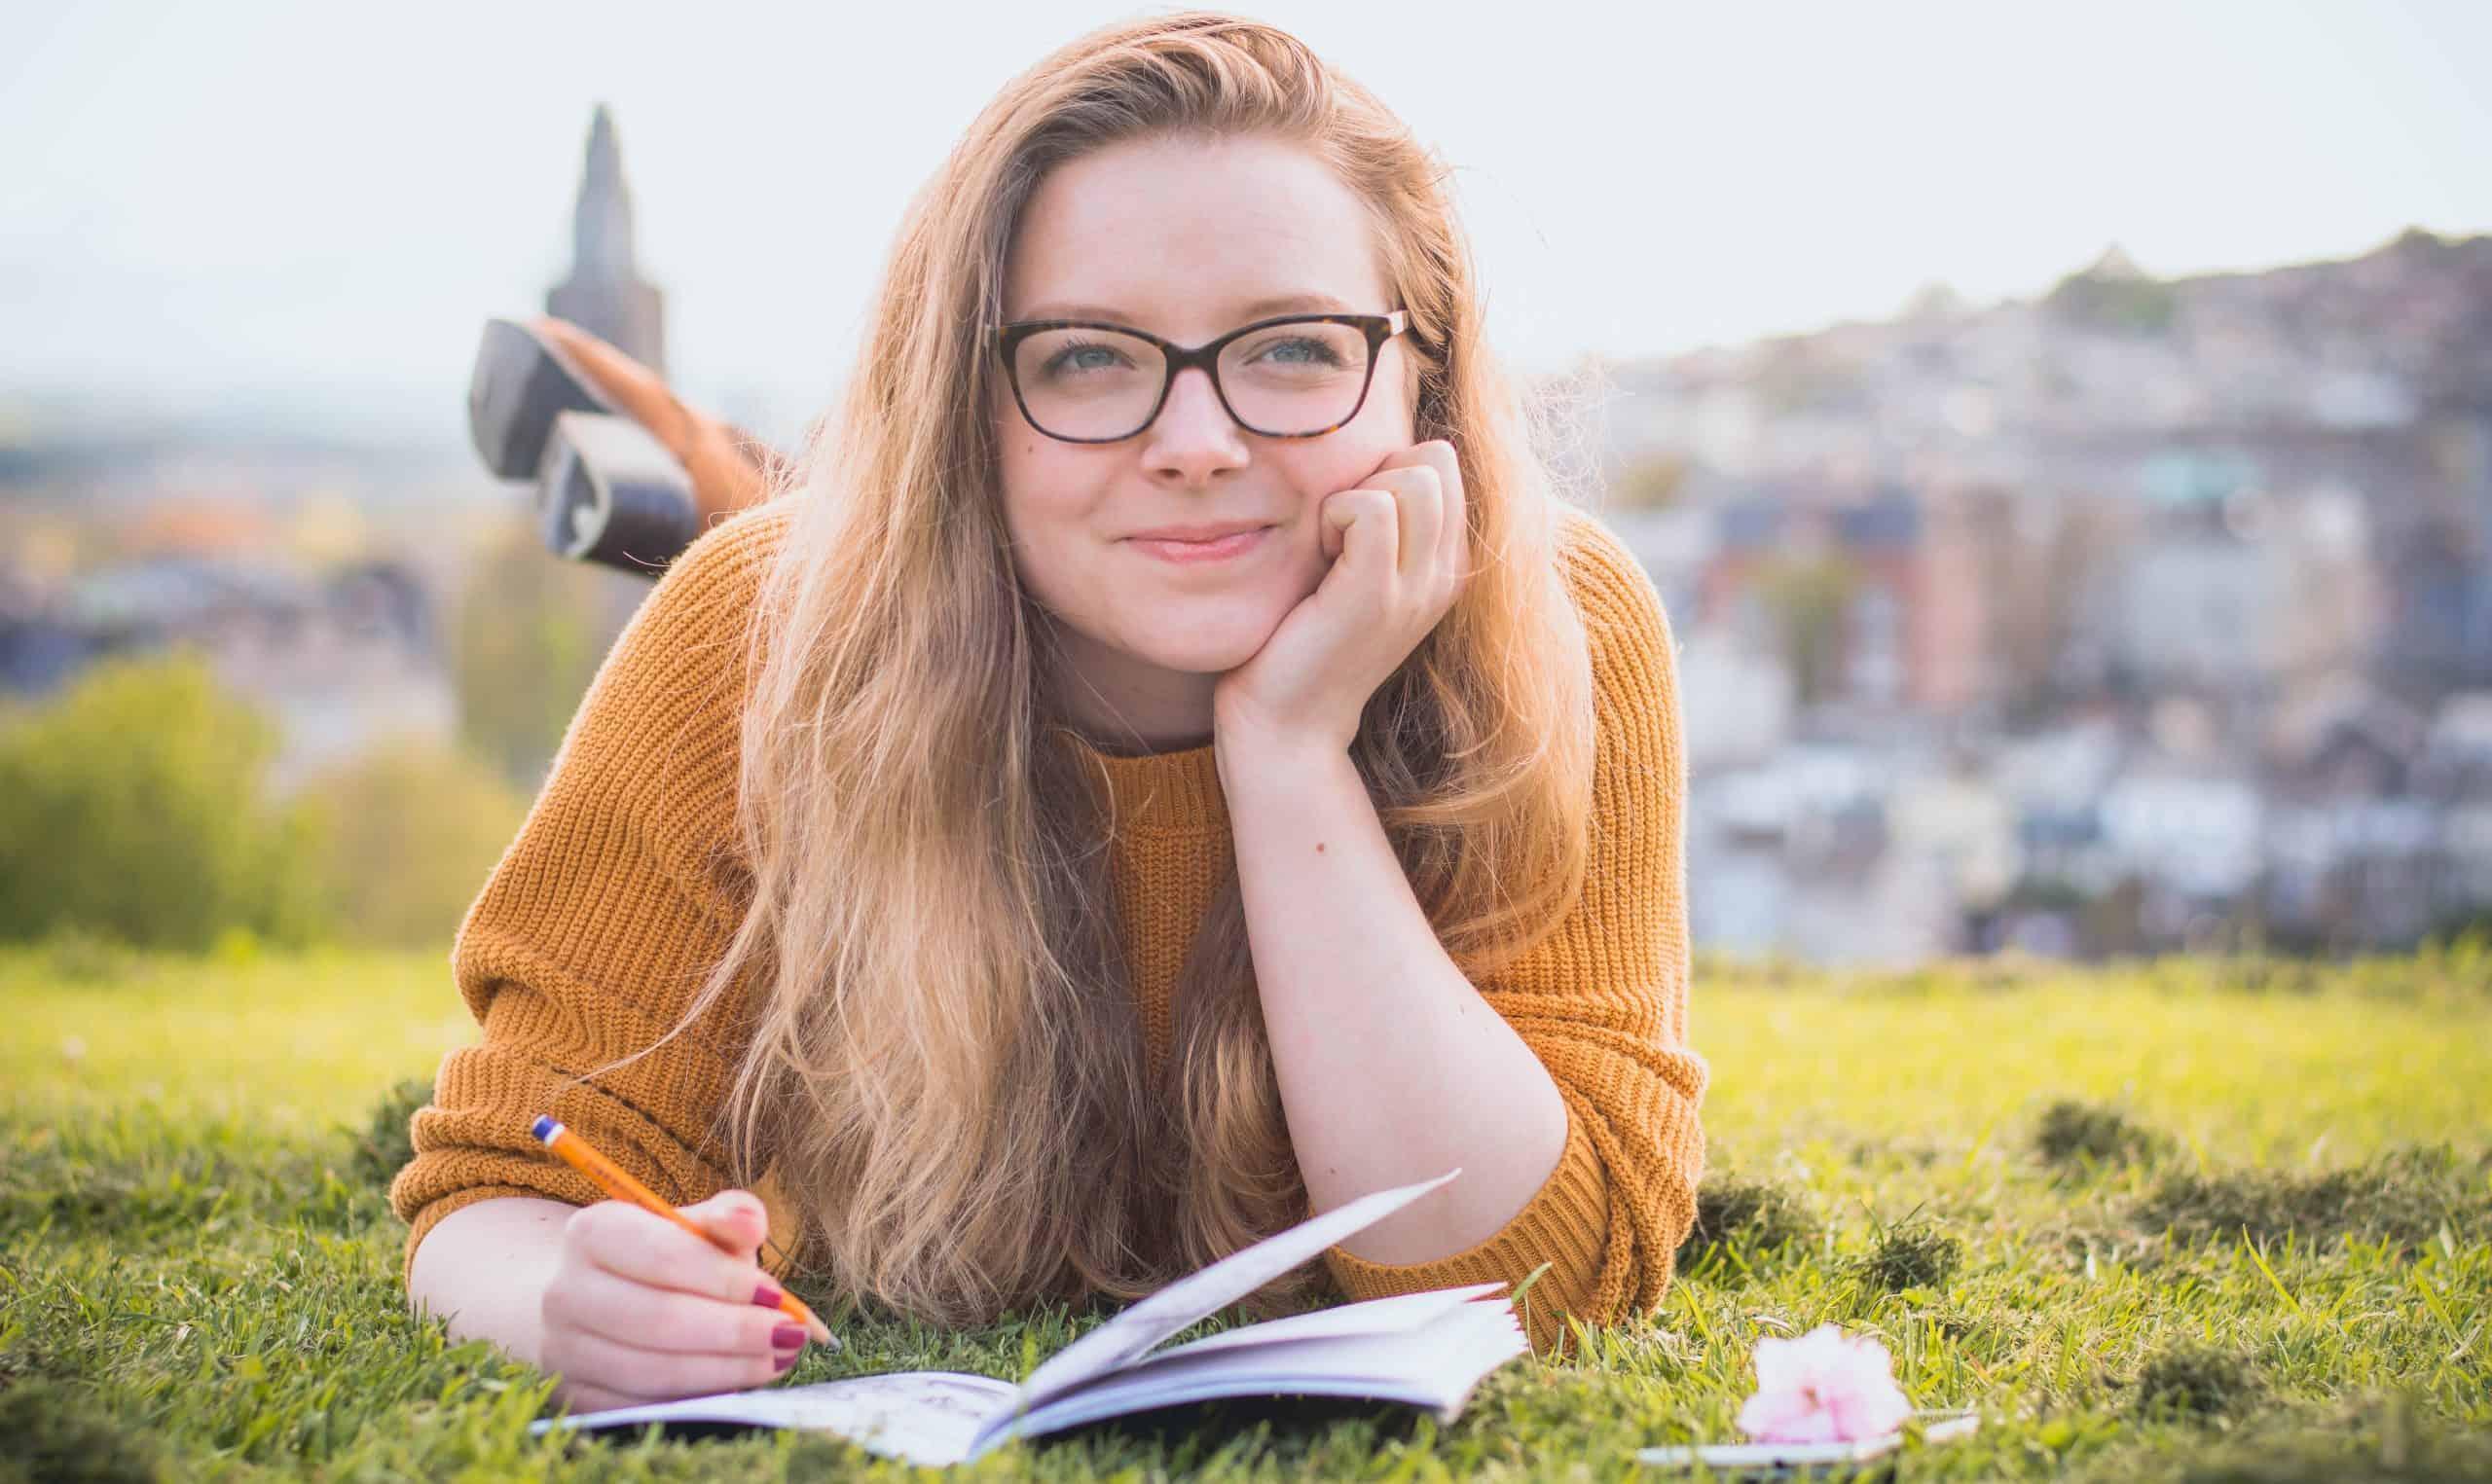 kvinna som ligger på grönt gräs medan du håller blyertspenna